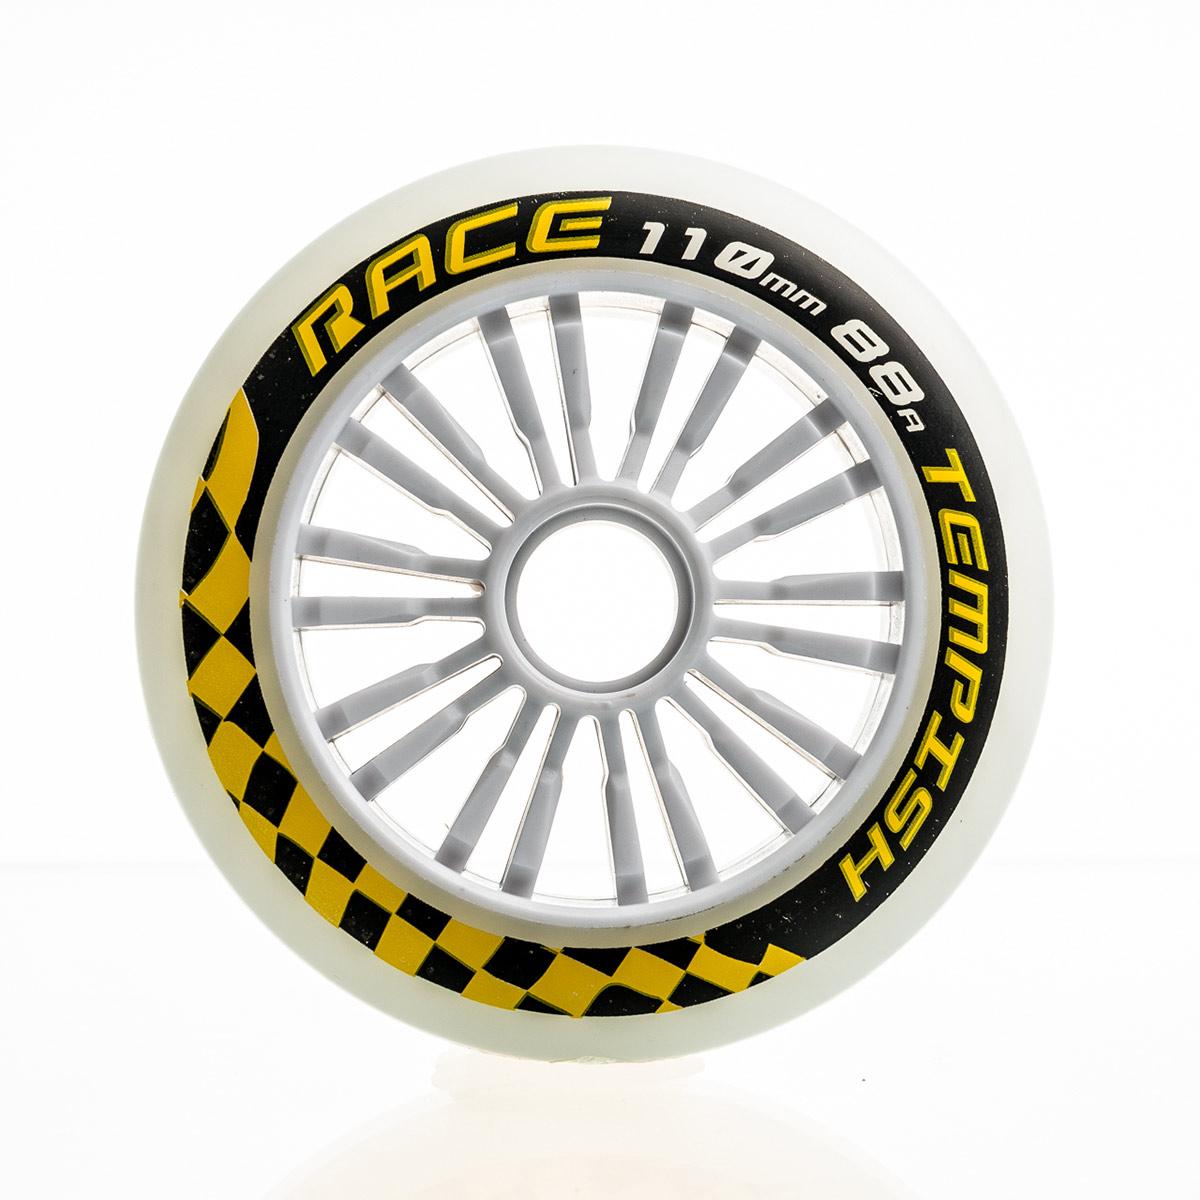 Ruedas RACE 110 88A